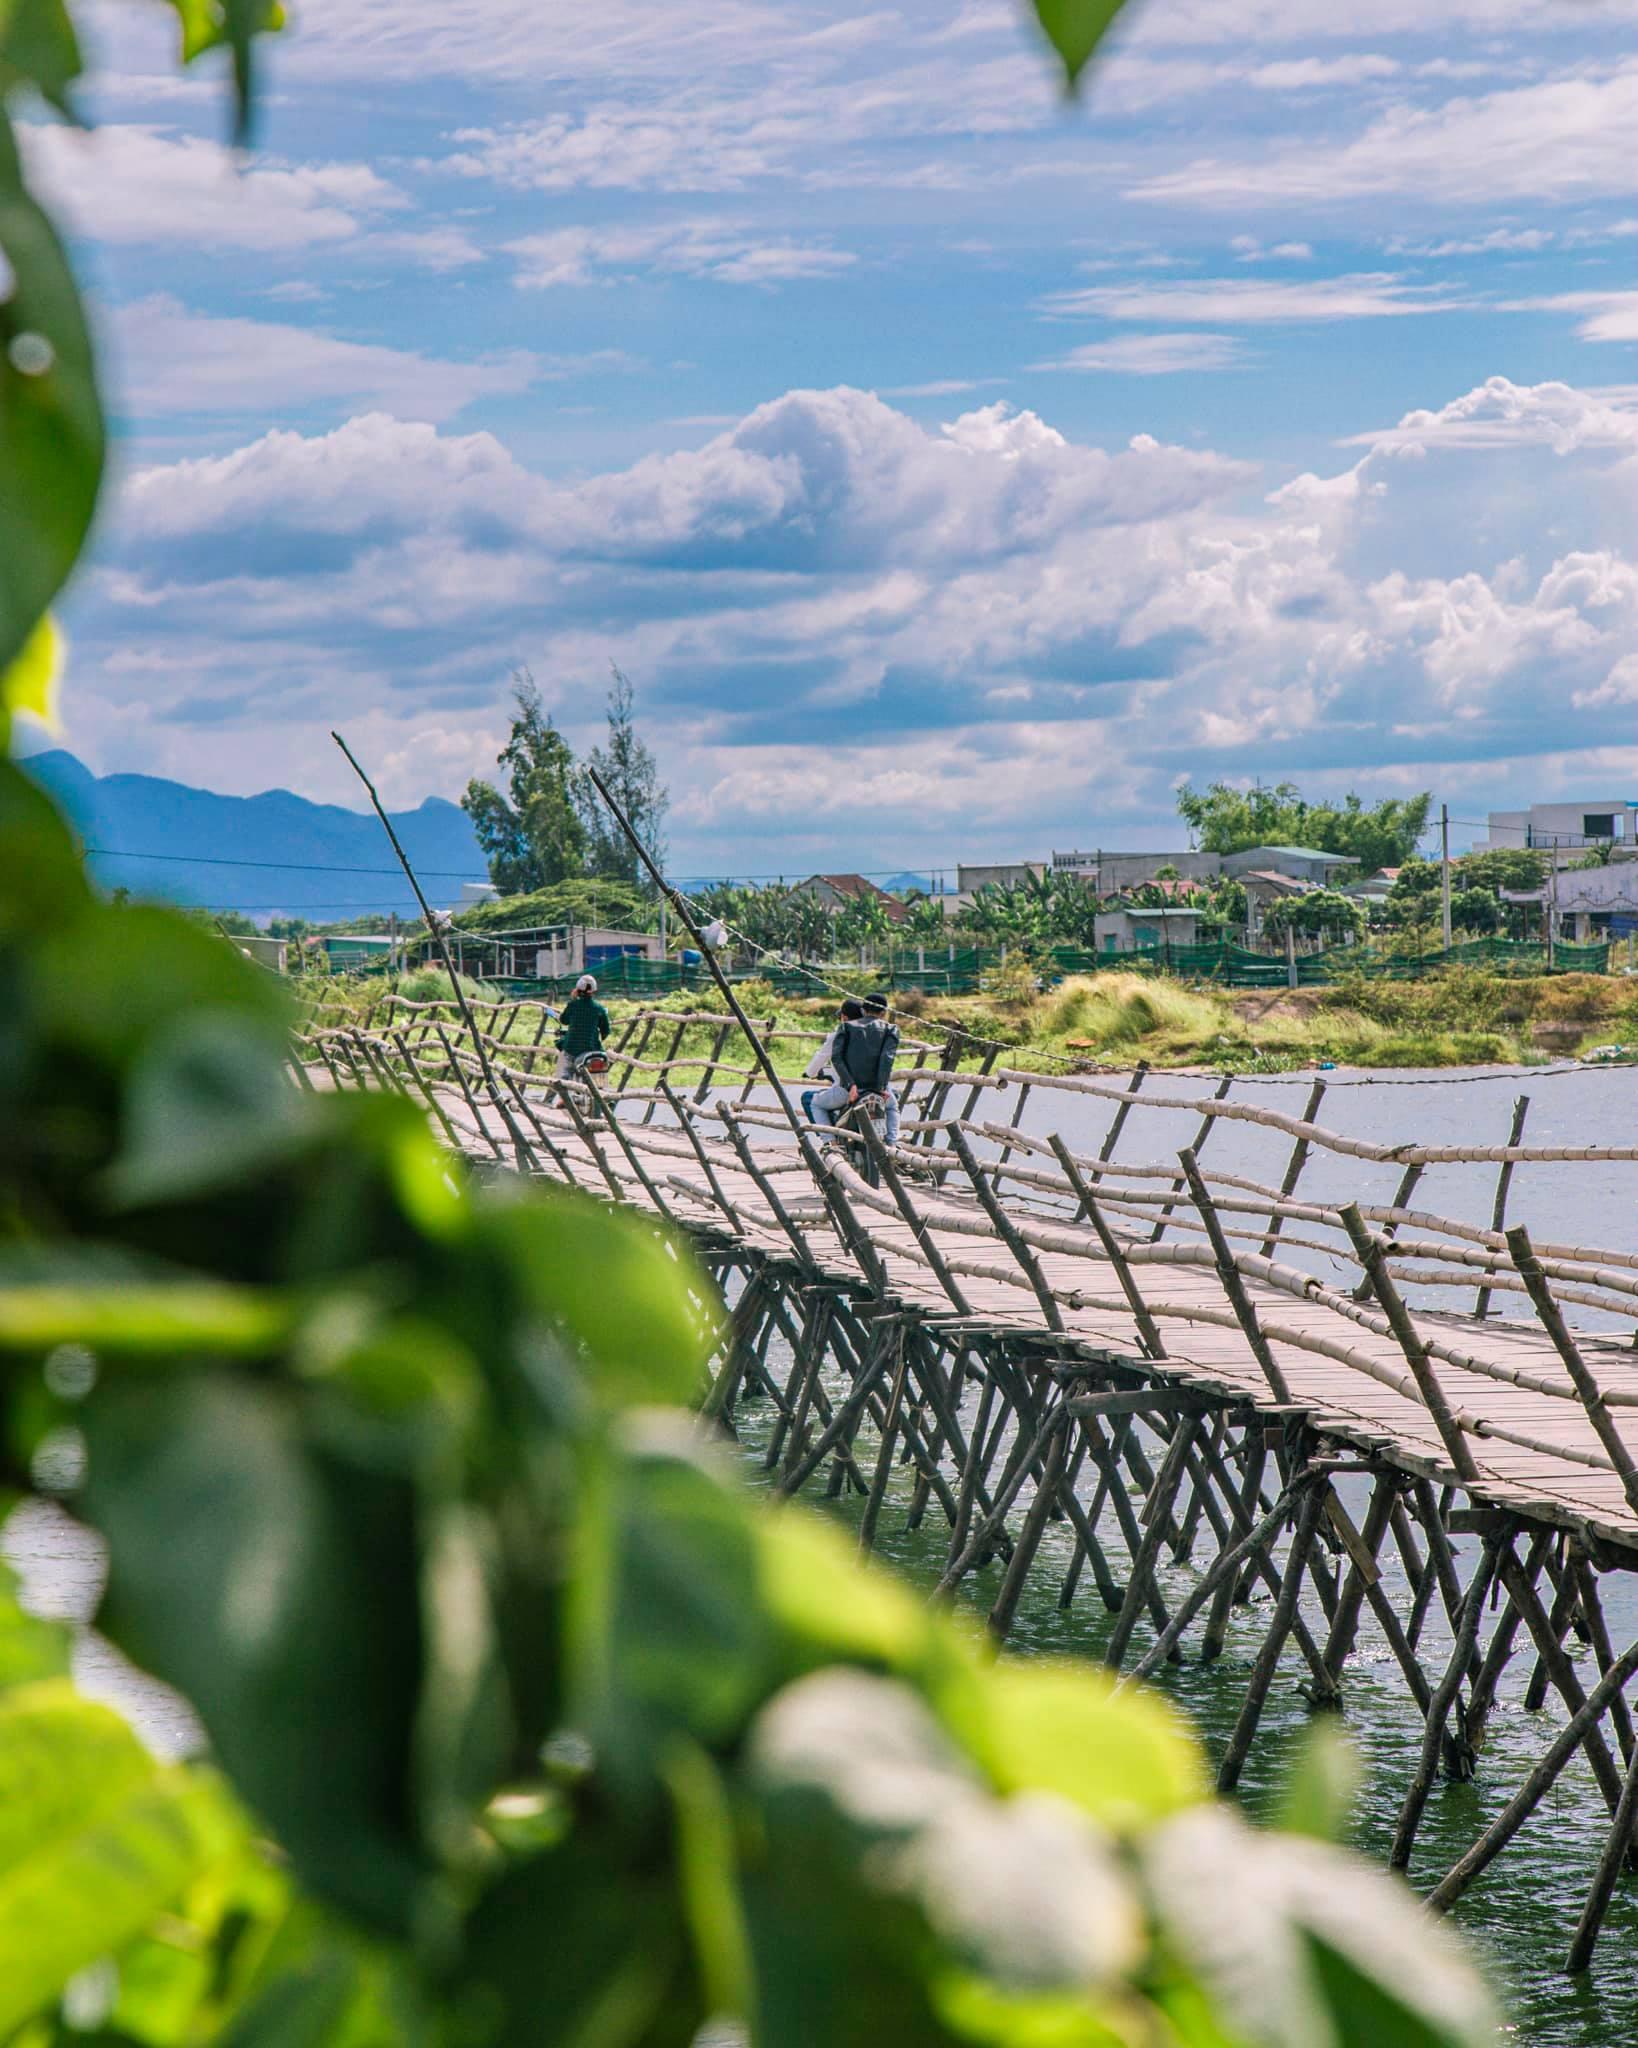 Hình ảnh về thiên nhiên ở Việt Nam